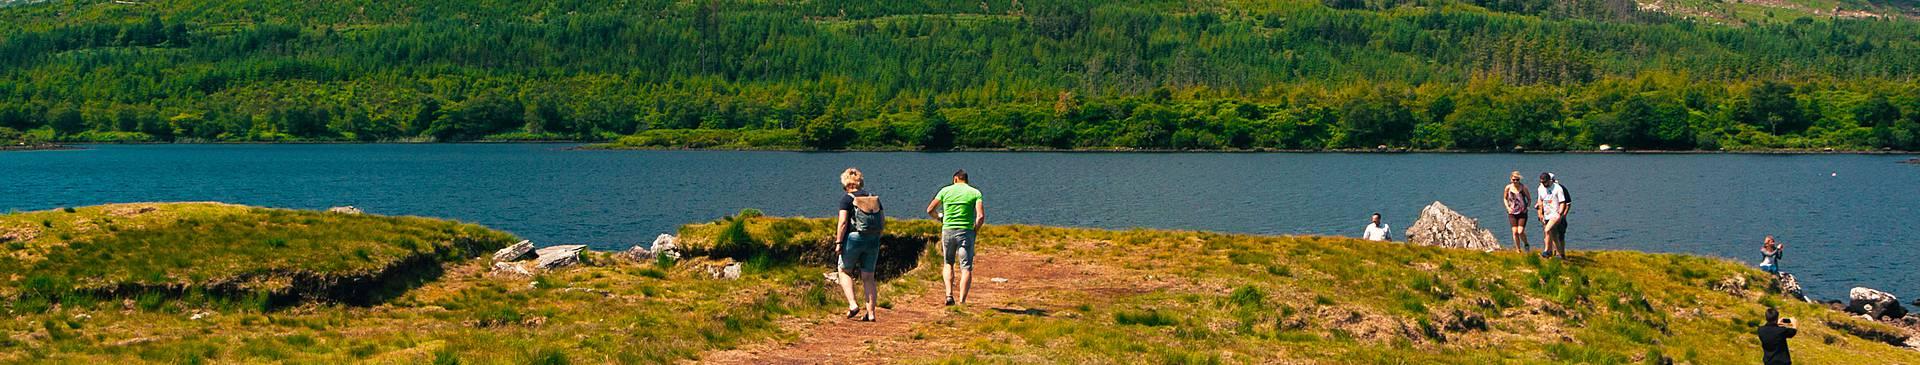 Voyage en groupe en Irlande